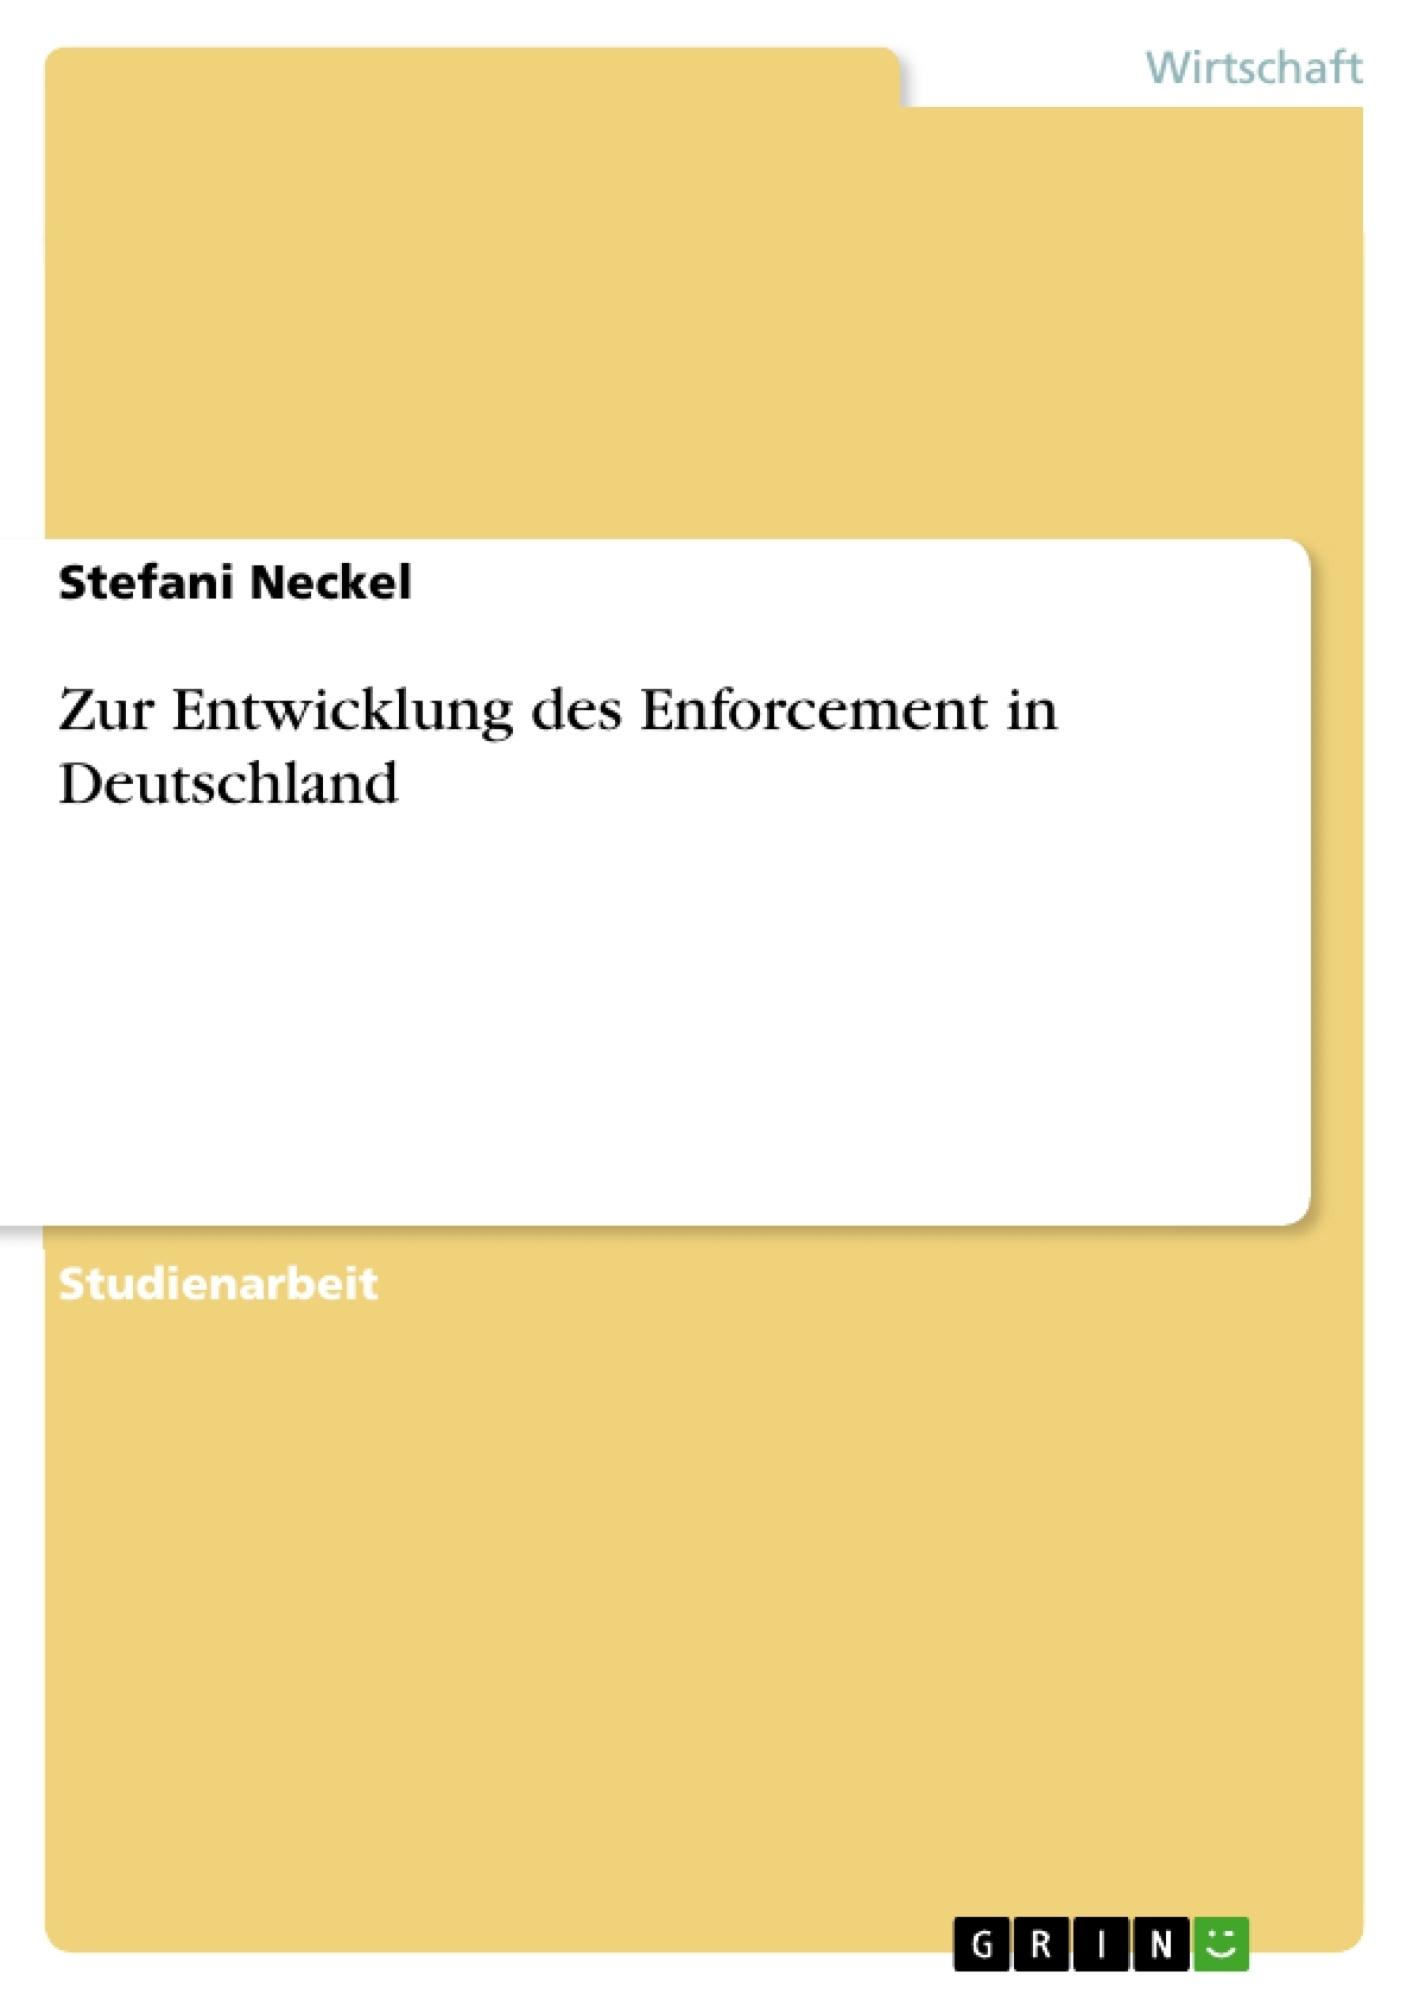 Titel: Zur Entwicklung des Enforcement in Deutschland